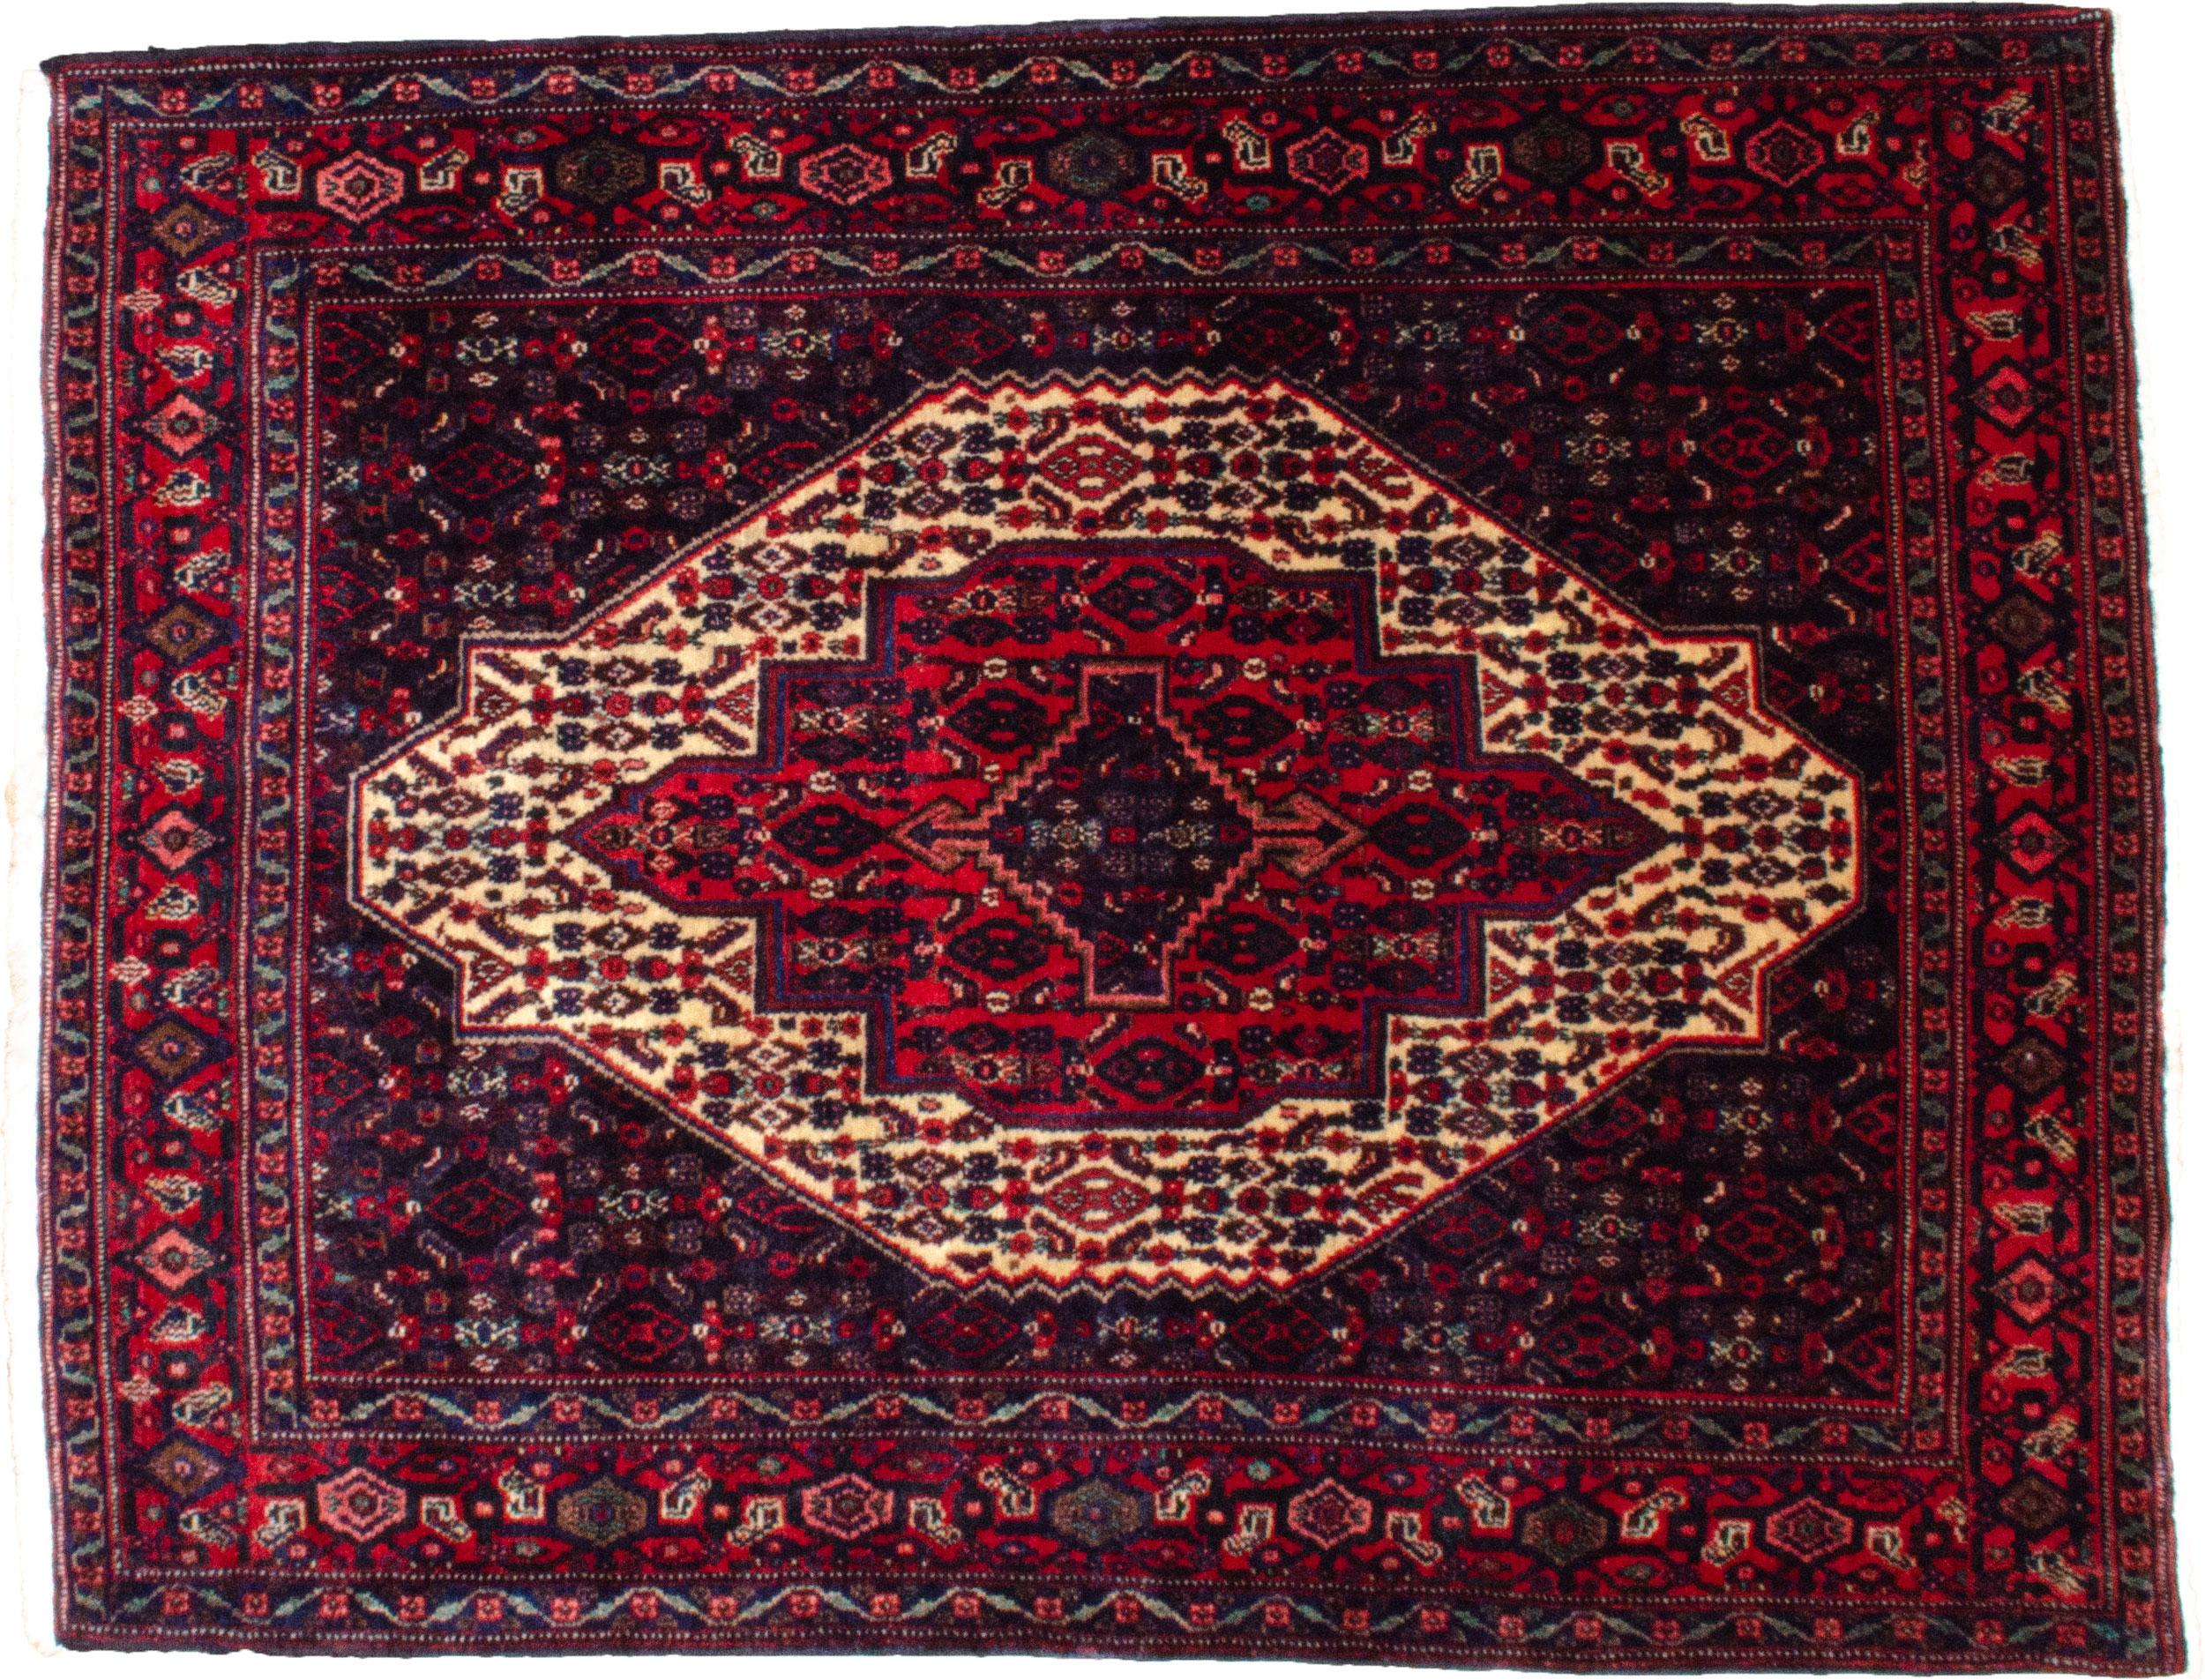 Vintage Senneh Rug 160x122cm